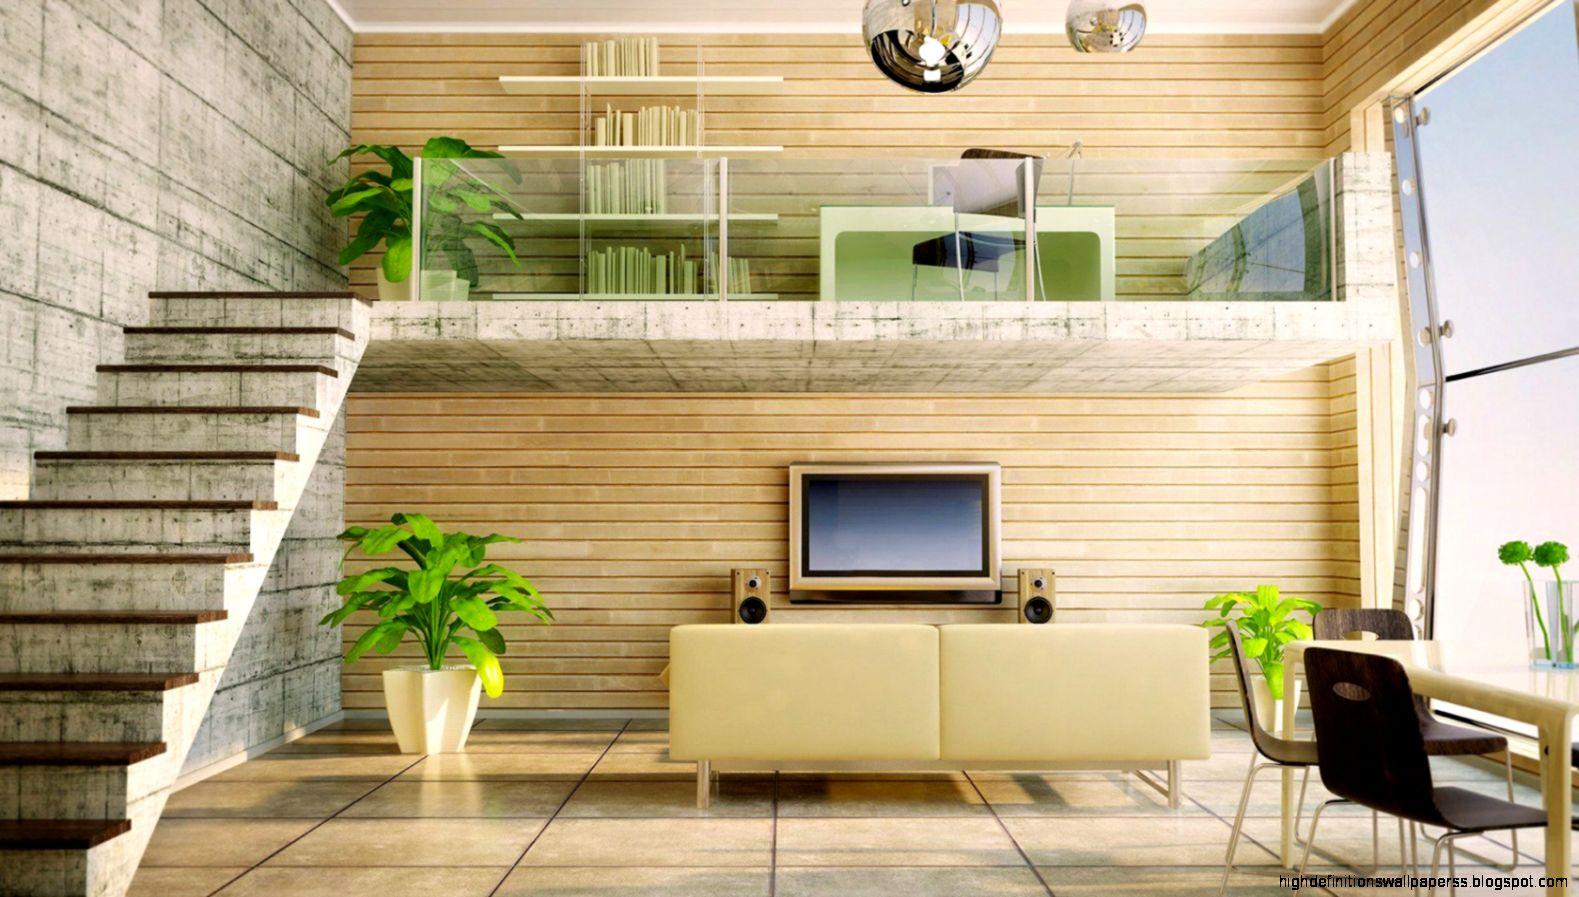 3D Graffiti Home Design Wallpaper Hd | High Definitions Wallpapers